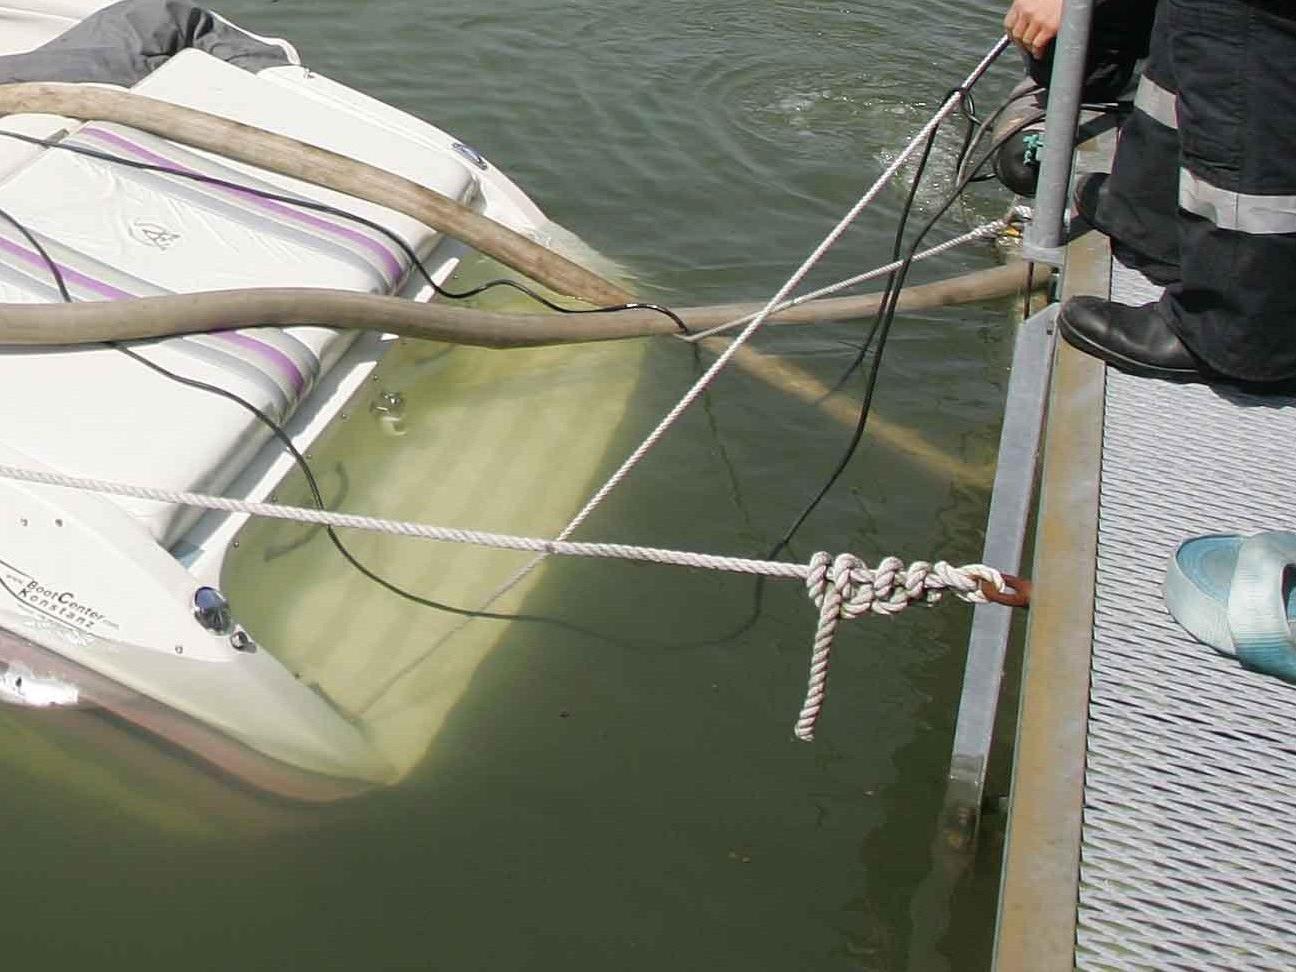 Schmiermittel aus Motorboot ausgelaufen.